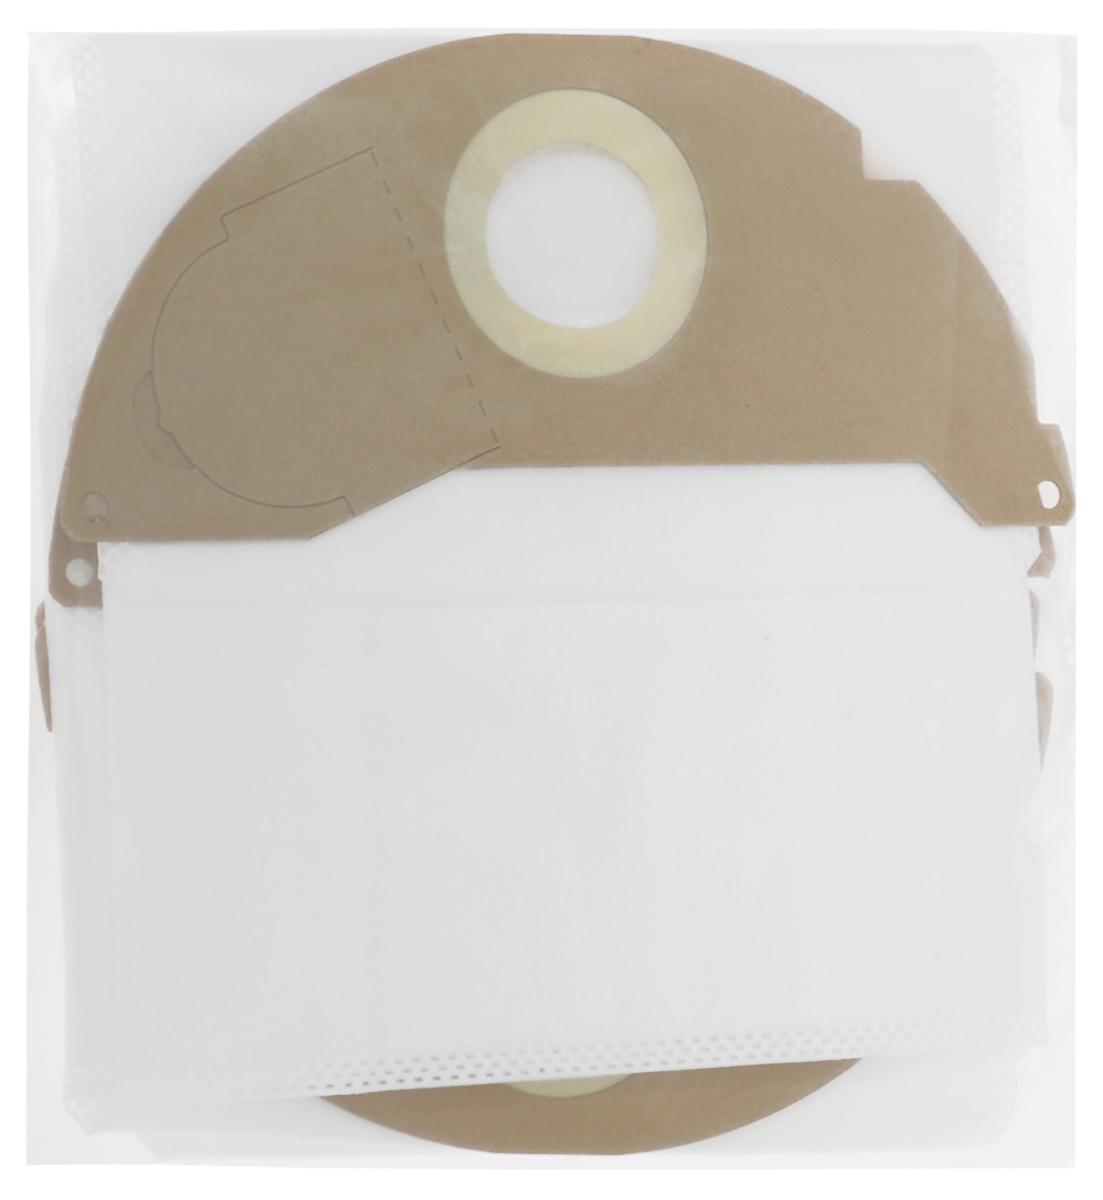 Filtero KAR 05 Pro комплект пылесборников для промышленных пылесосов, 4 штKAR 05 (4) ProМешки для промышленных пылесосов Filtero KAR 05 Pro, трехслойные, произведены из синтетического микроволокна MicroFib. Прочность синтетических мешков Filtero KAR 05 Pro превосходит любые бумажные мешки-аналоги, даже если это оригинальные бумажные мешки всемирно известных марок. Вы можете быть уверены: заклепки, гвозди, шурупы, битое стекло, острые камни и прочее не смогут прорвать мешки Filtero Pro. Мешки Filtero Pro не боятся влаги, и даже вода, попавшая в мешок, не помешает вам произвести качественную уборку! Мешки Filtero Pro предназначены для уборки пыли класса М.Подходят для следующих моделей пылесосов:KARCHERA 2000 - A 2099 сериянапример A 2004A 2054MV 2WD 2.000 - WD 2.399 сериянапример WD 2.200